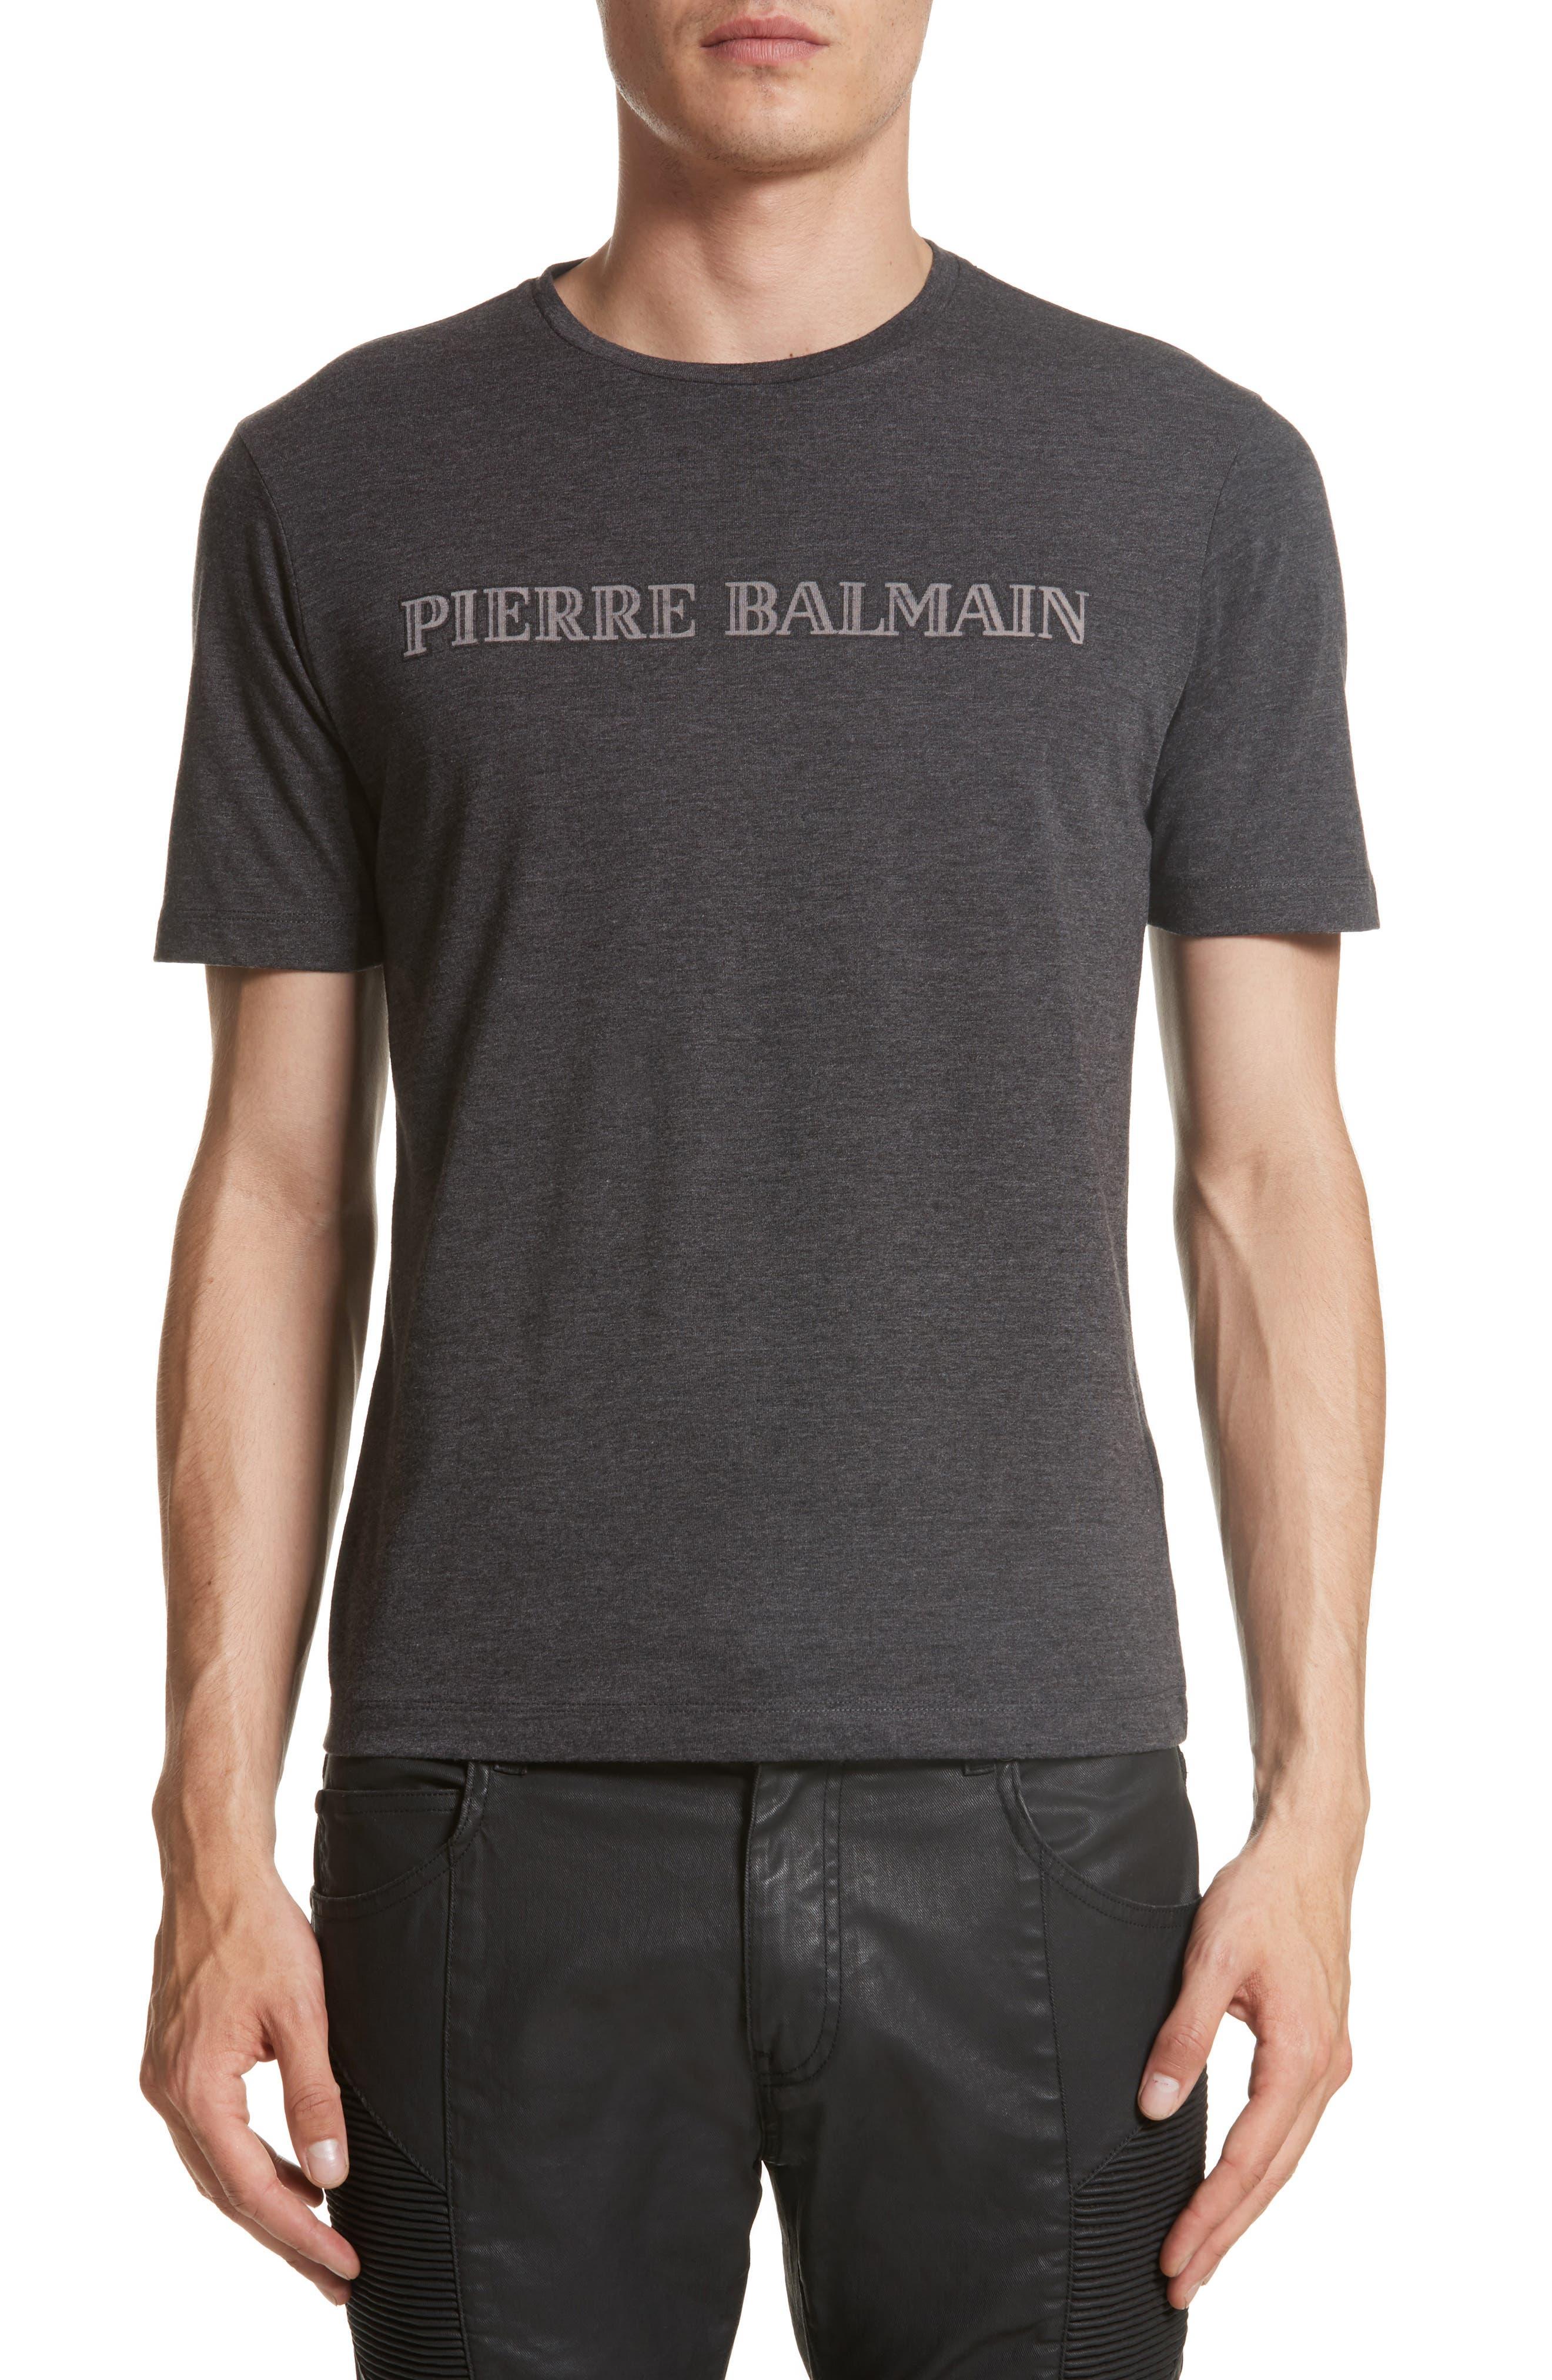 Pierre Balmain Logo Graphic T-Shirt